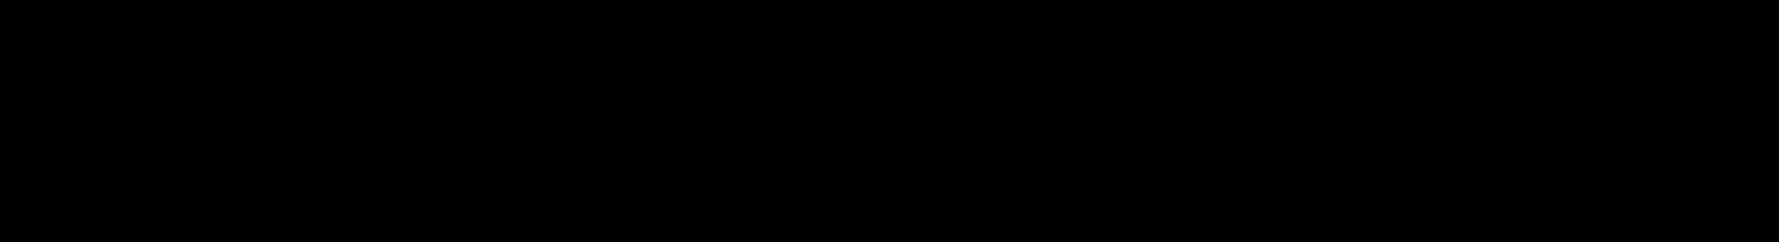 1-Aminohexaethylene Glycol